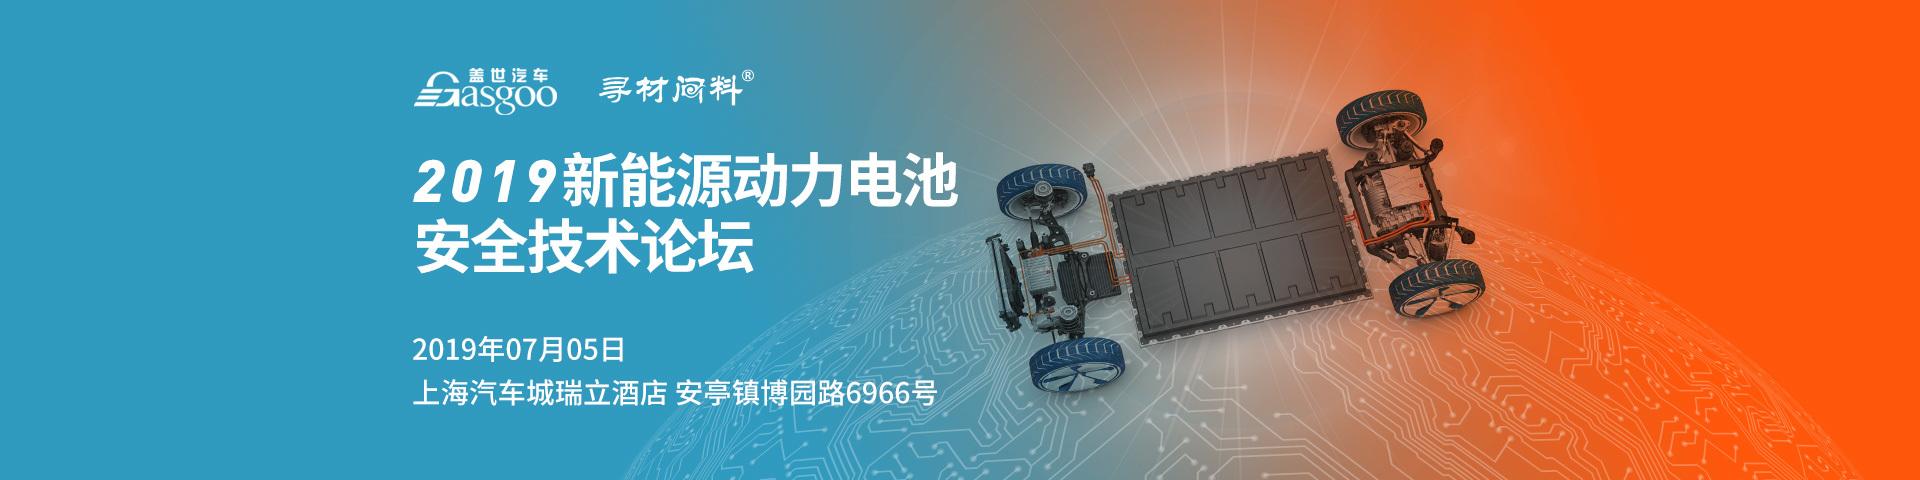 2019新能源动力电池安全技术论坛